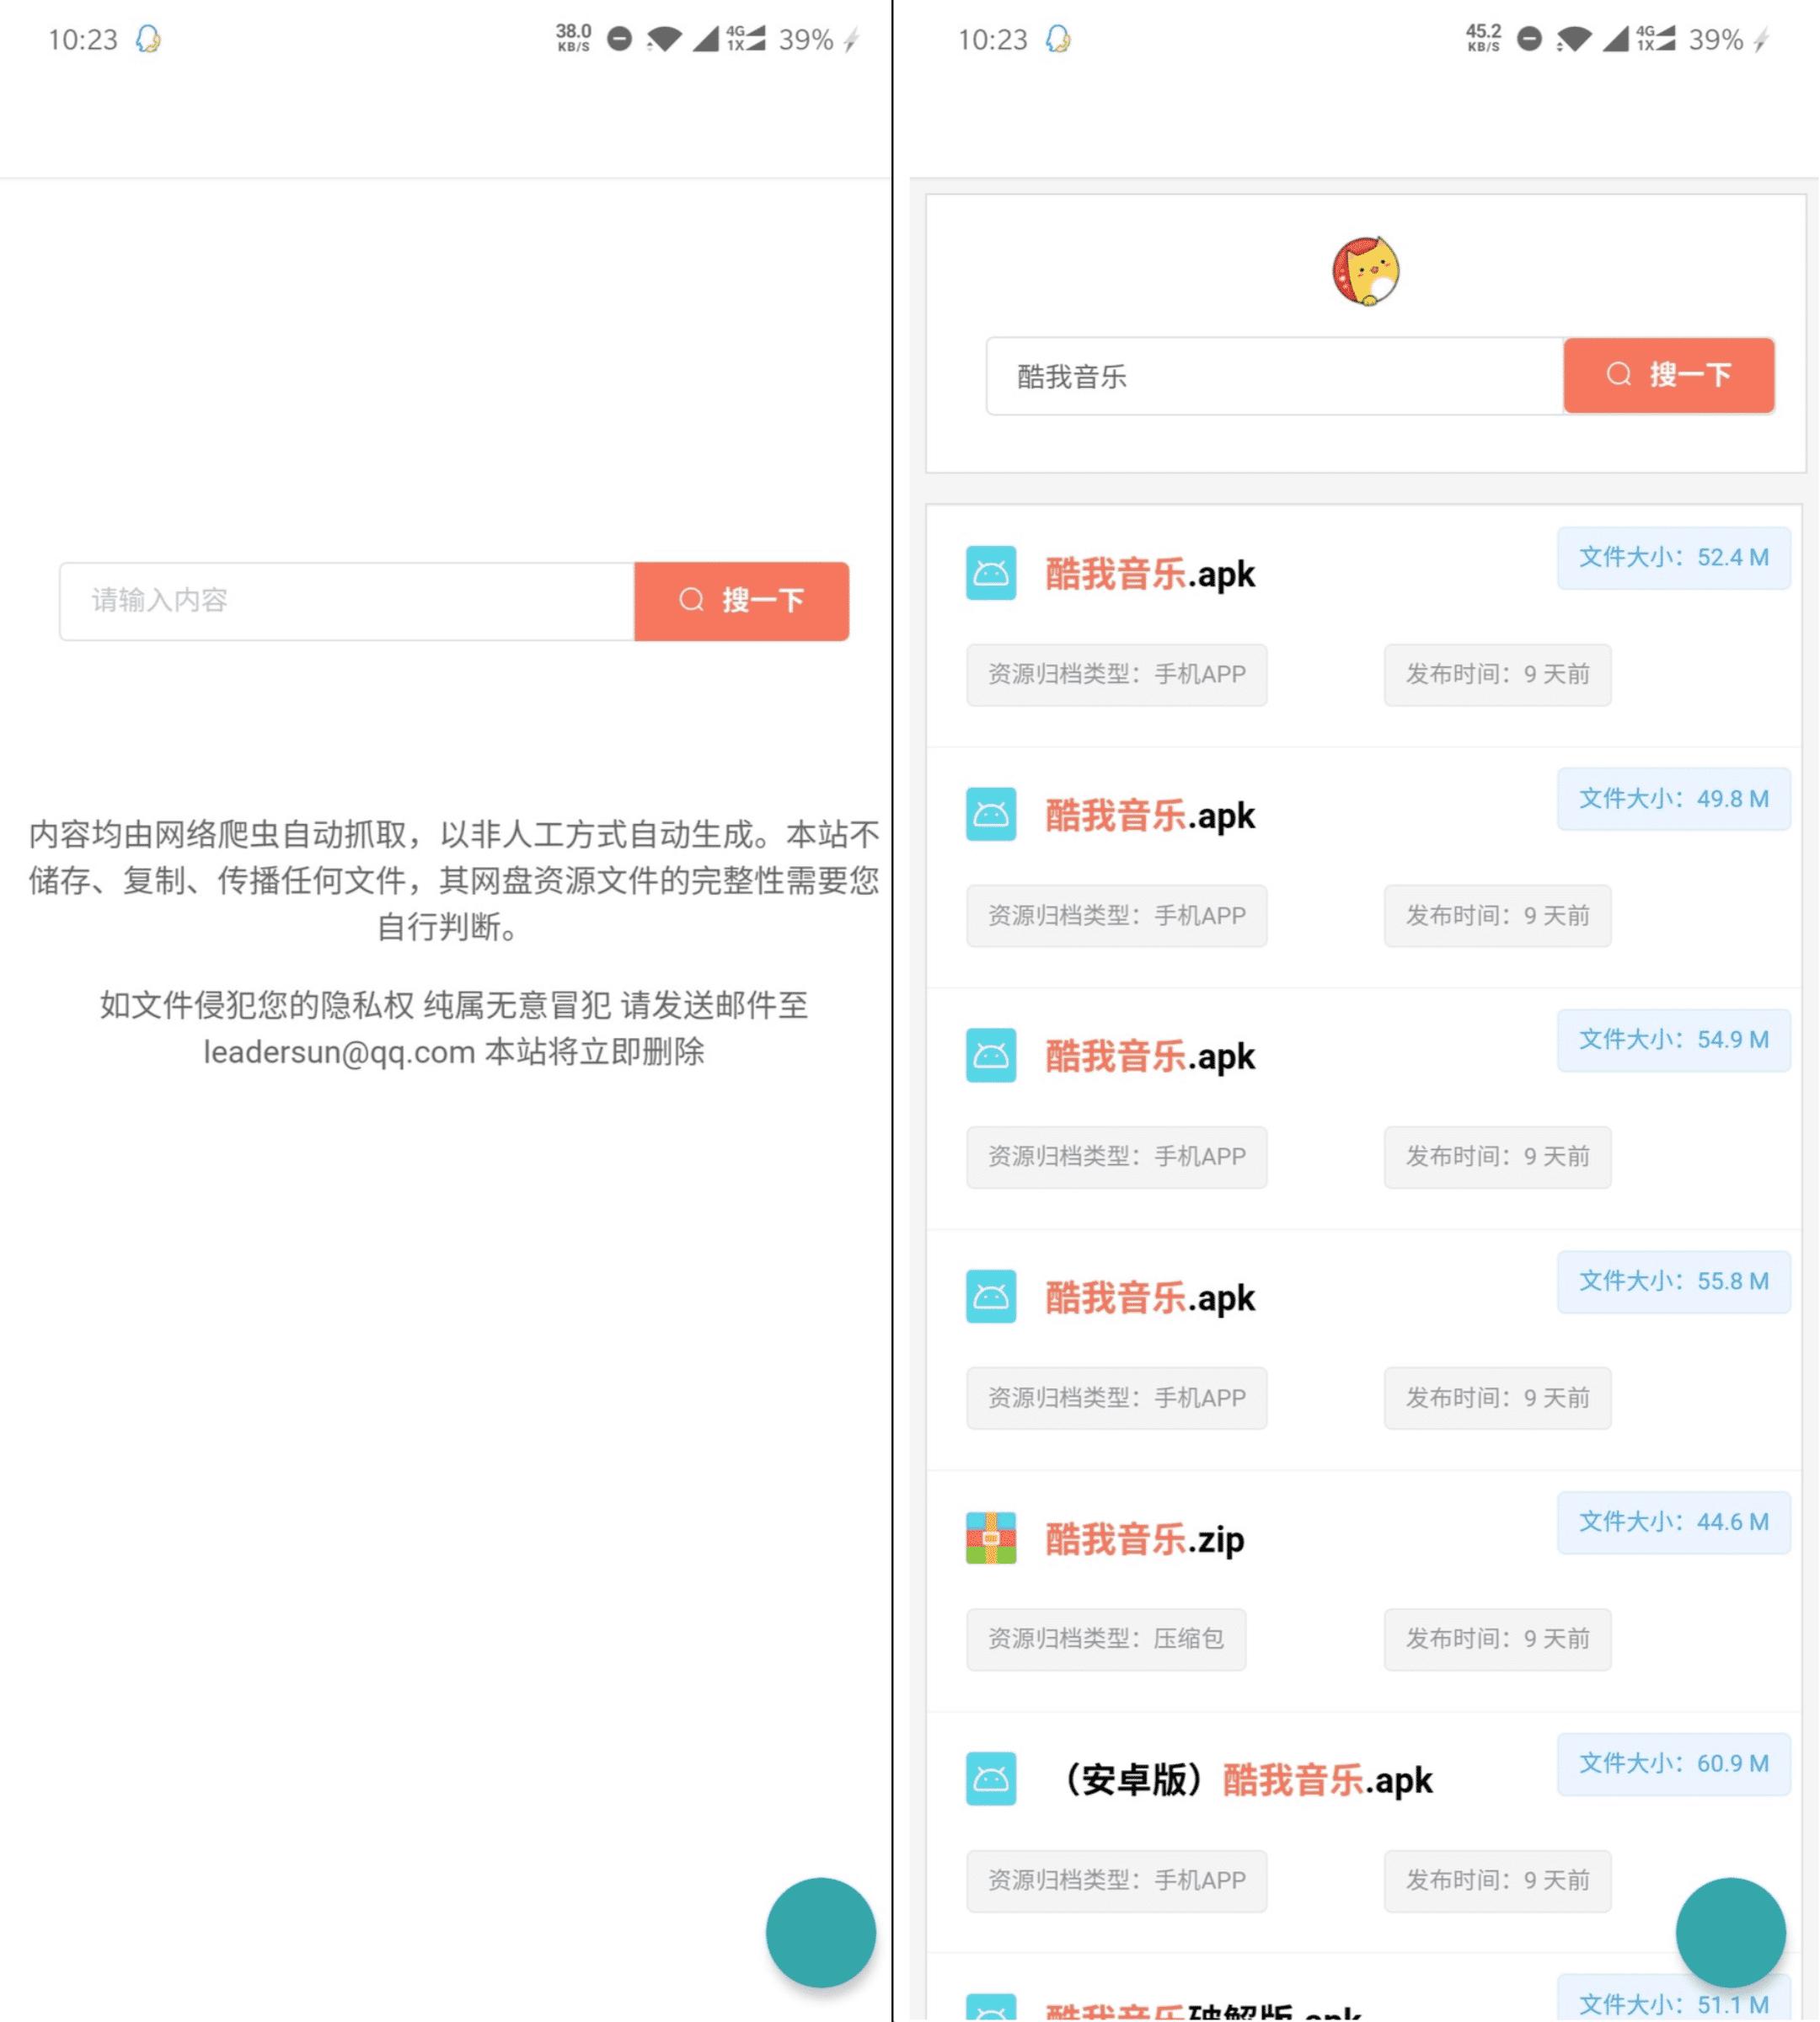 【分享】蓝奏云搜:蓝奏云资源搜索神器v1.8,全网爬取资源